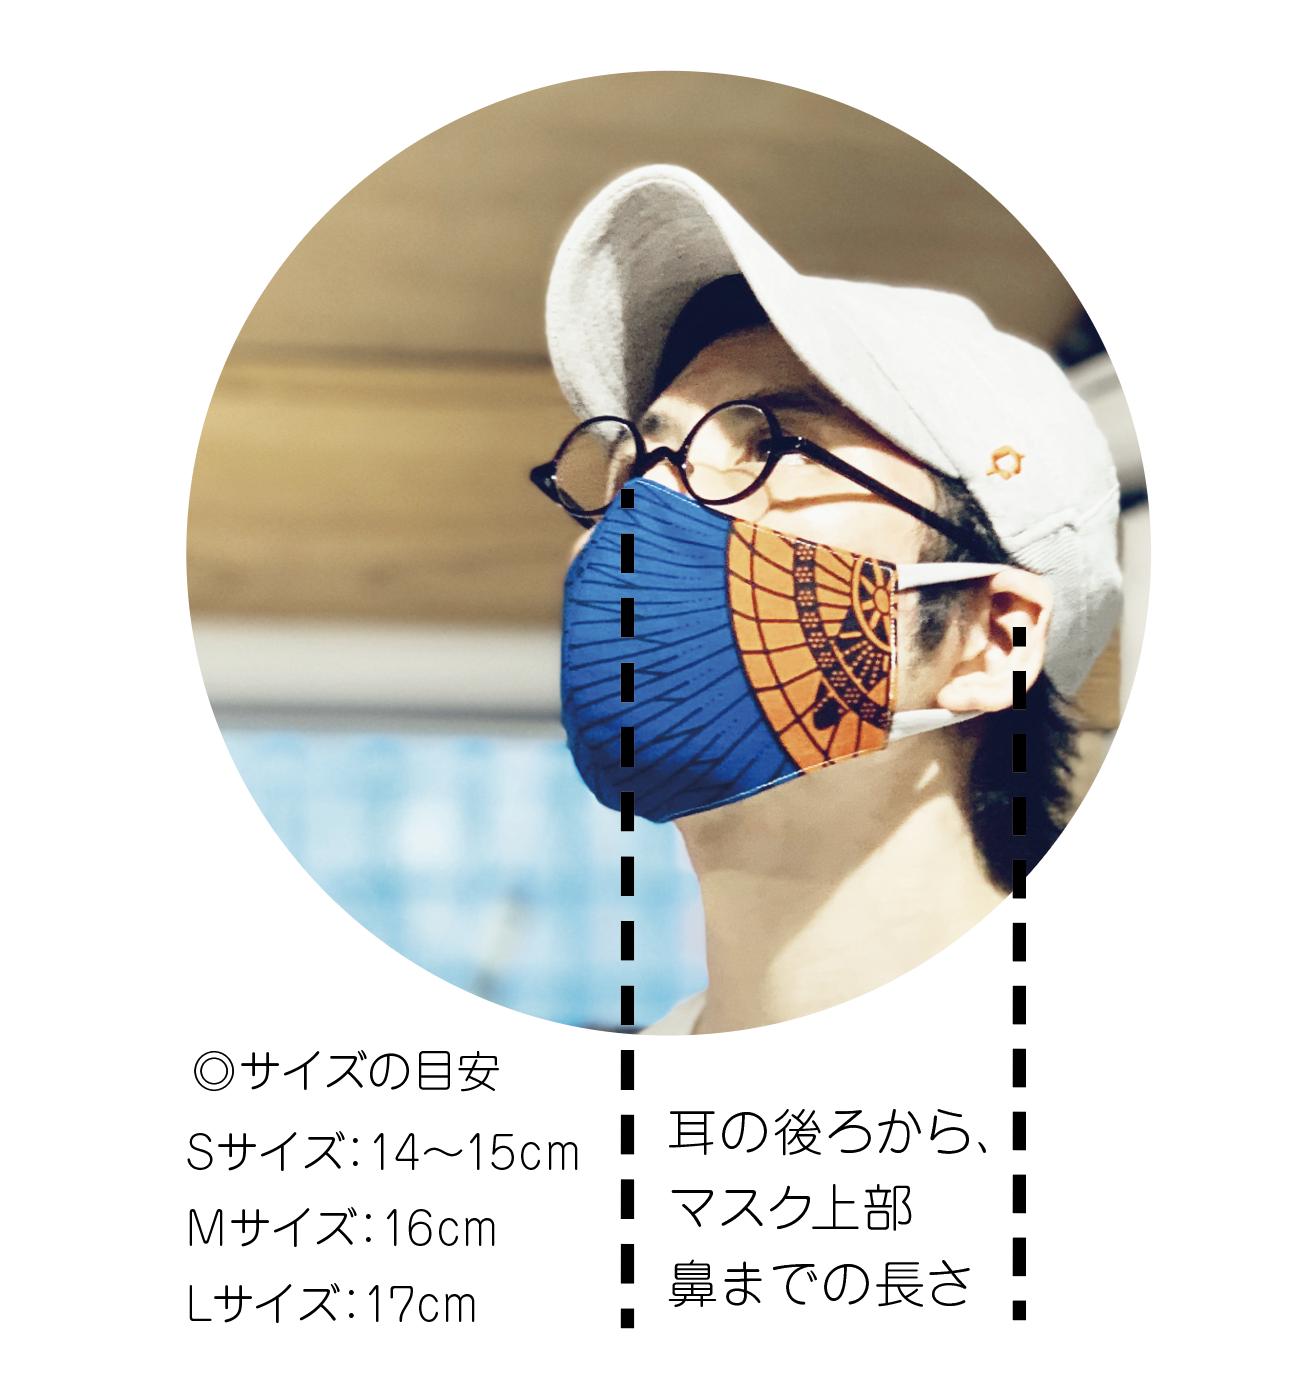 アフリカ布で作った銅繊維シート入りマスク/ツバメ_青